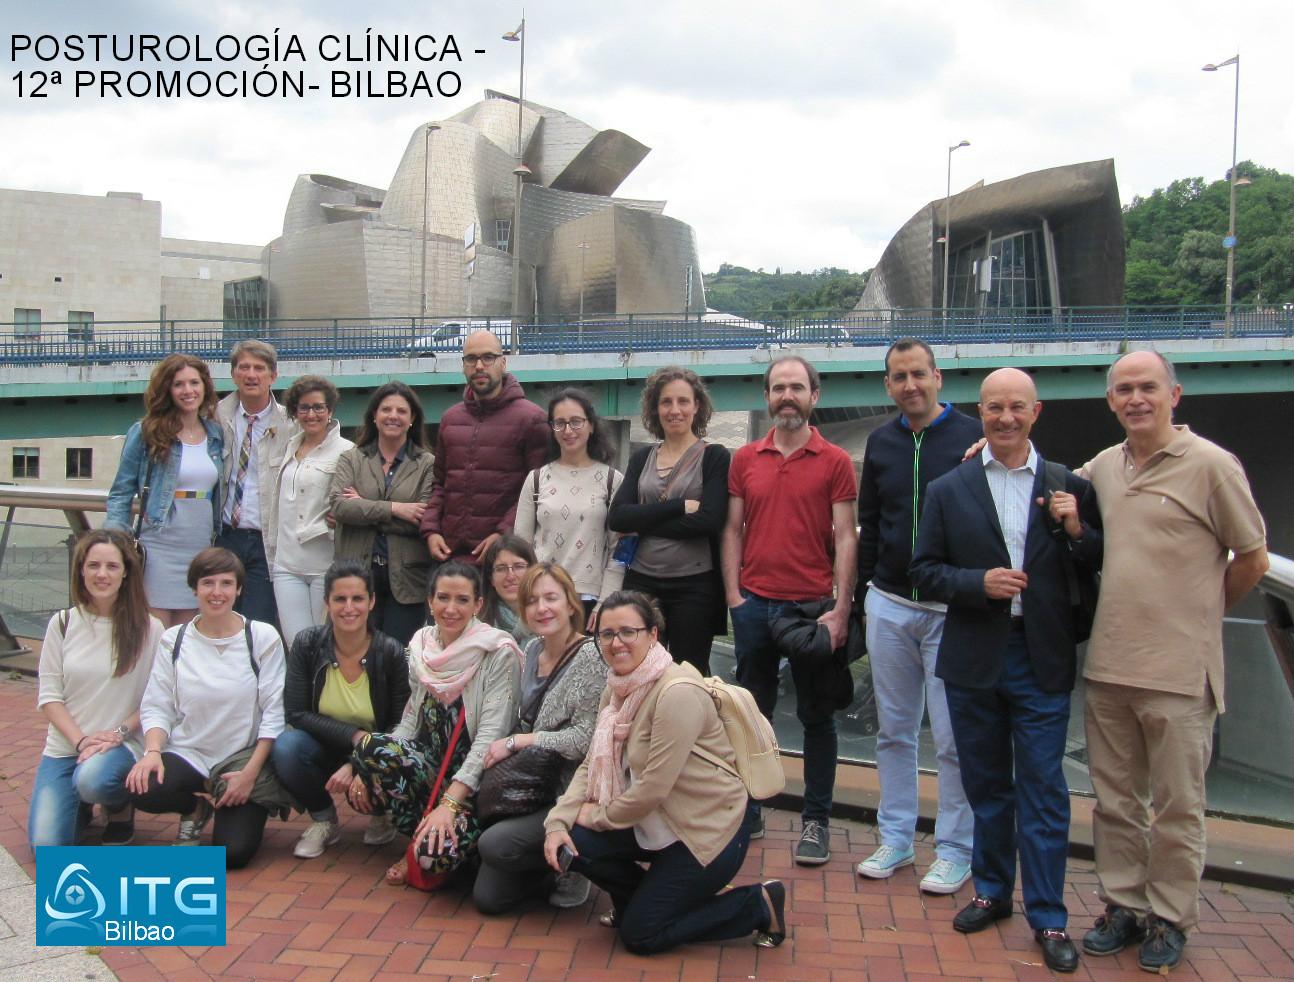 Curso de Posturología Clínica- Síndrome de dispercepción oral, Dr. Alfredo Marino y Plataforma Satel- Patrick Savet